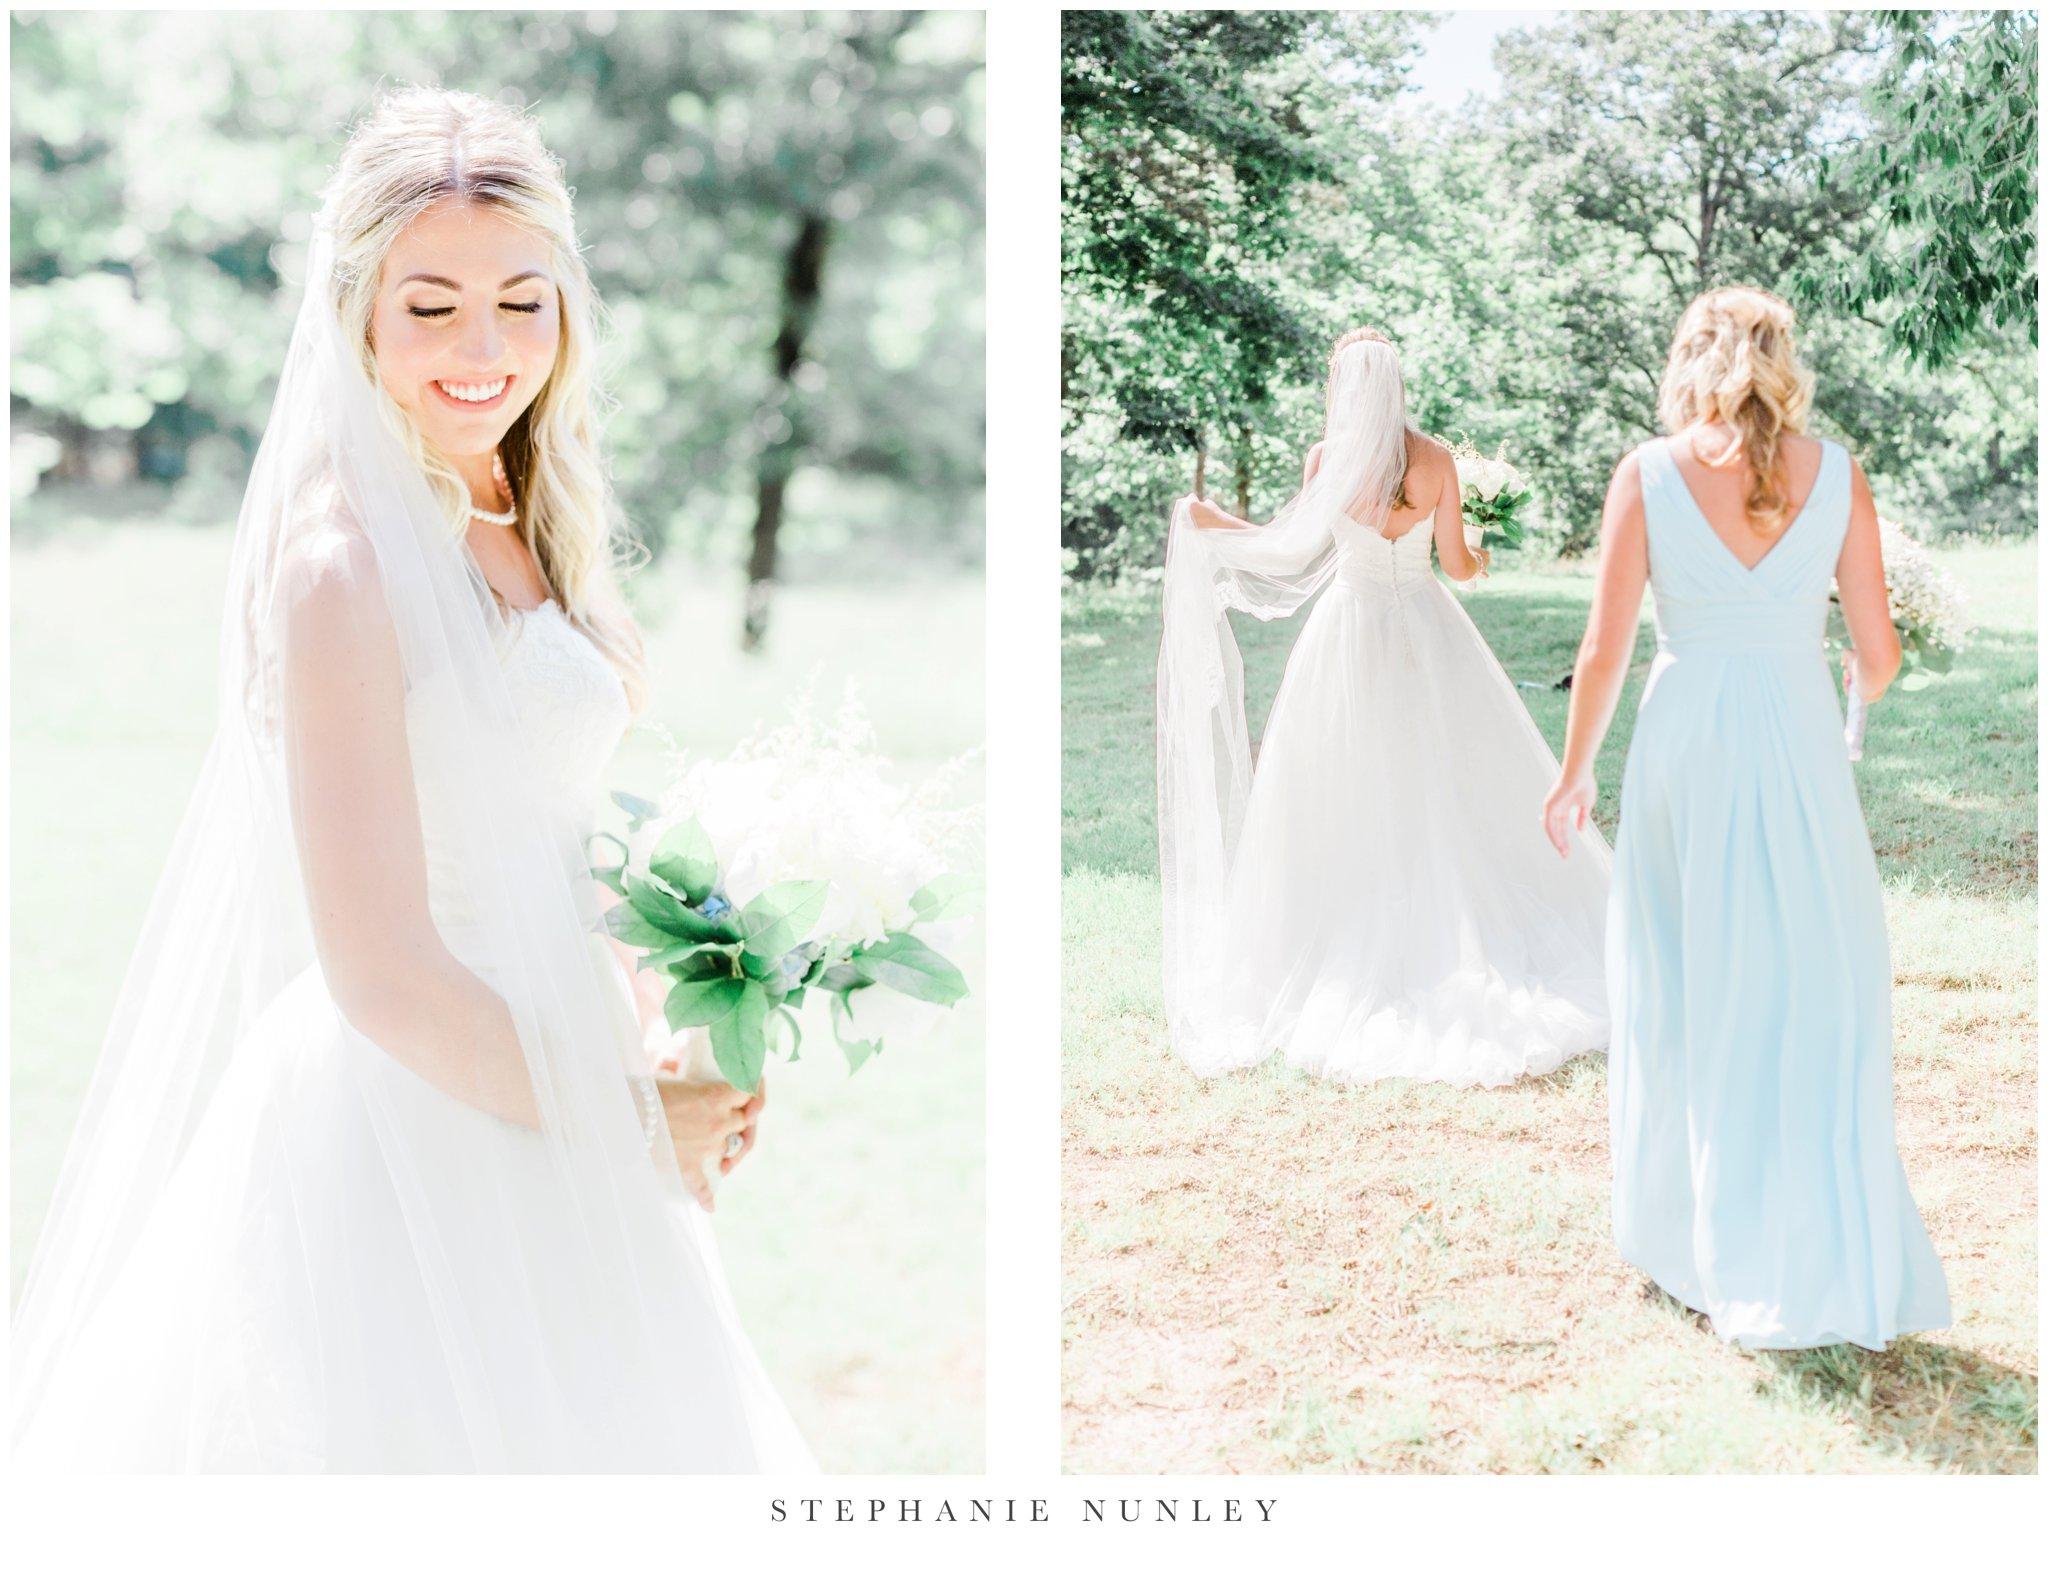 cold-springs-wedding-photos-in-arkansas-0051.jpg